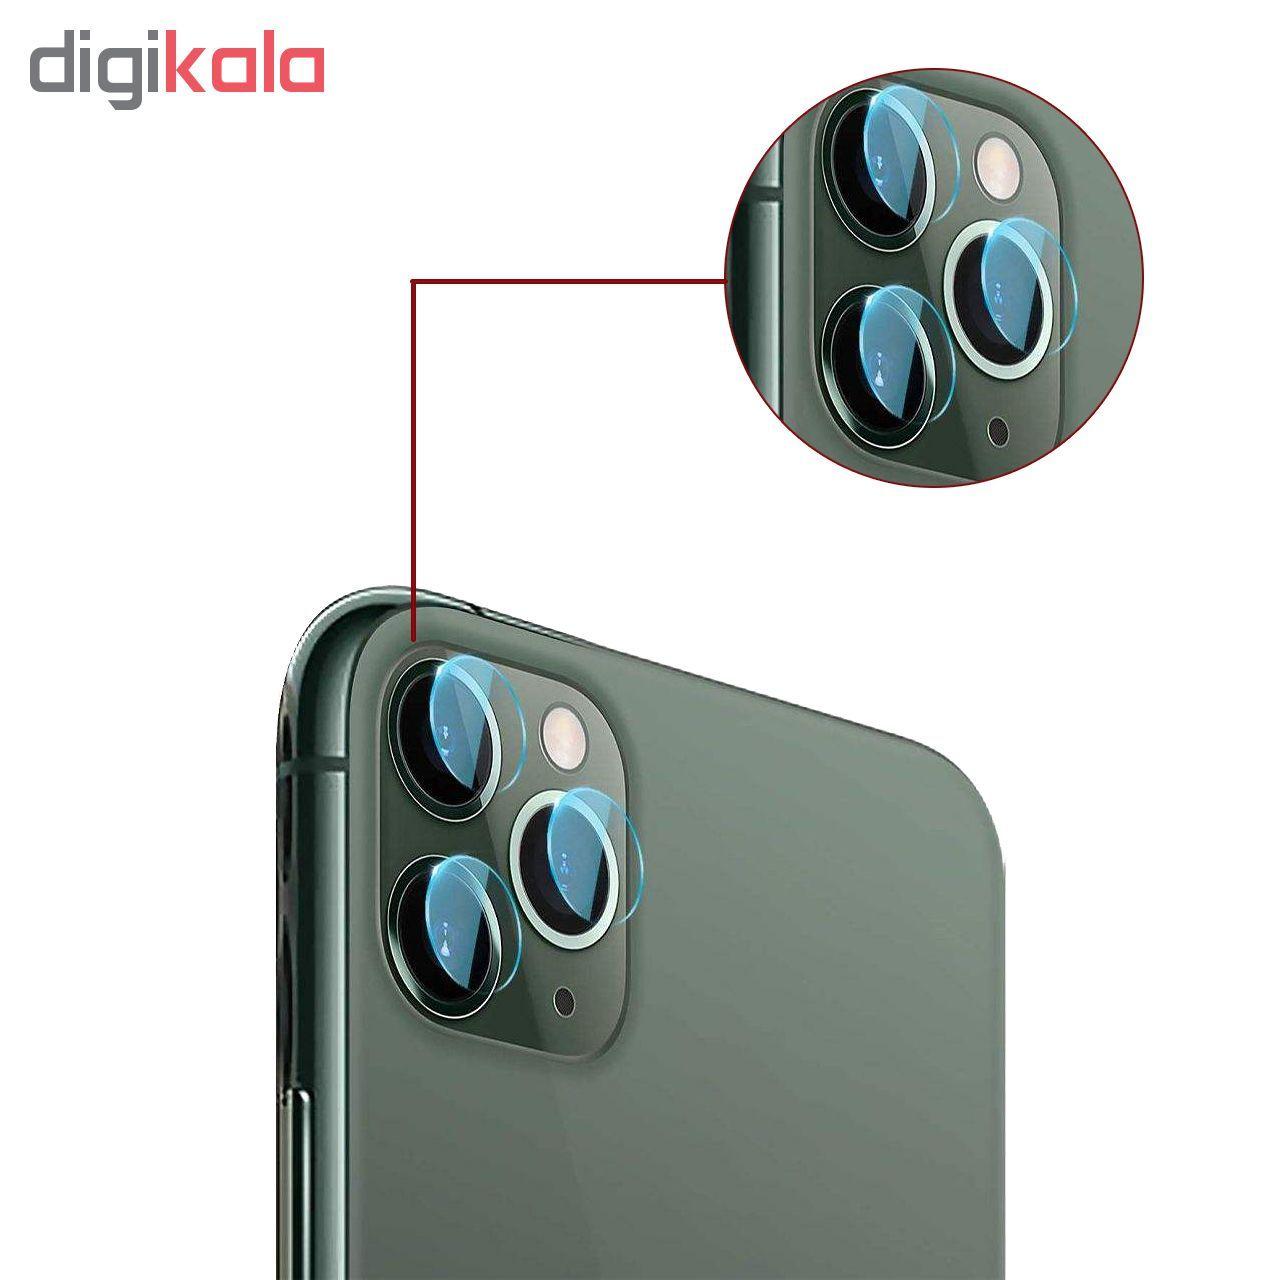 محافظ لنز دوربین  مدل L019 مناسب برای گوشی موبایل اپل iPhone 11 pro max  main 1 2